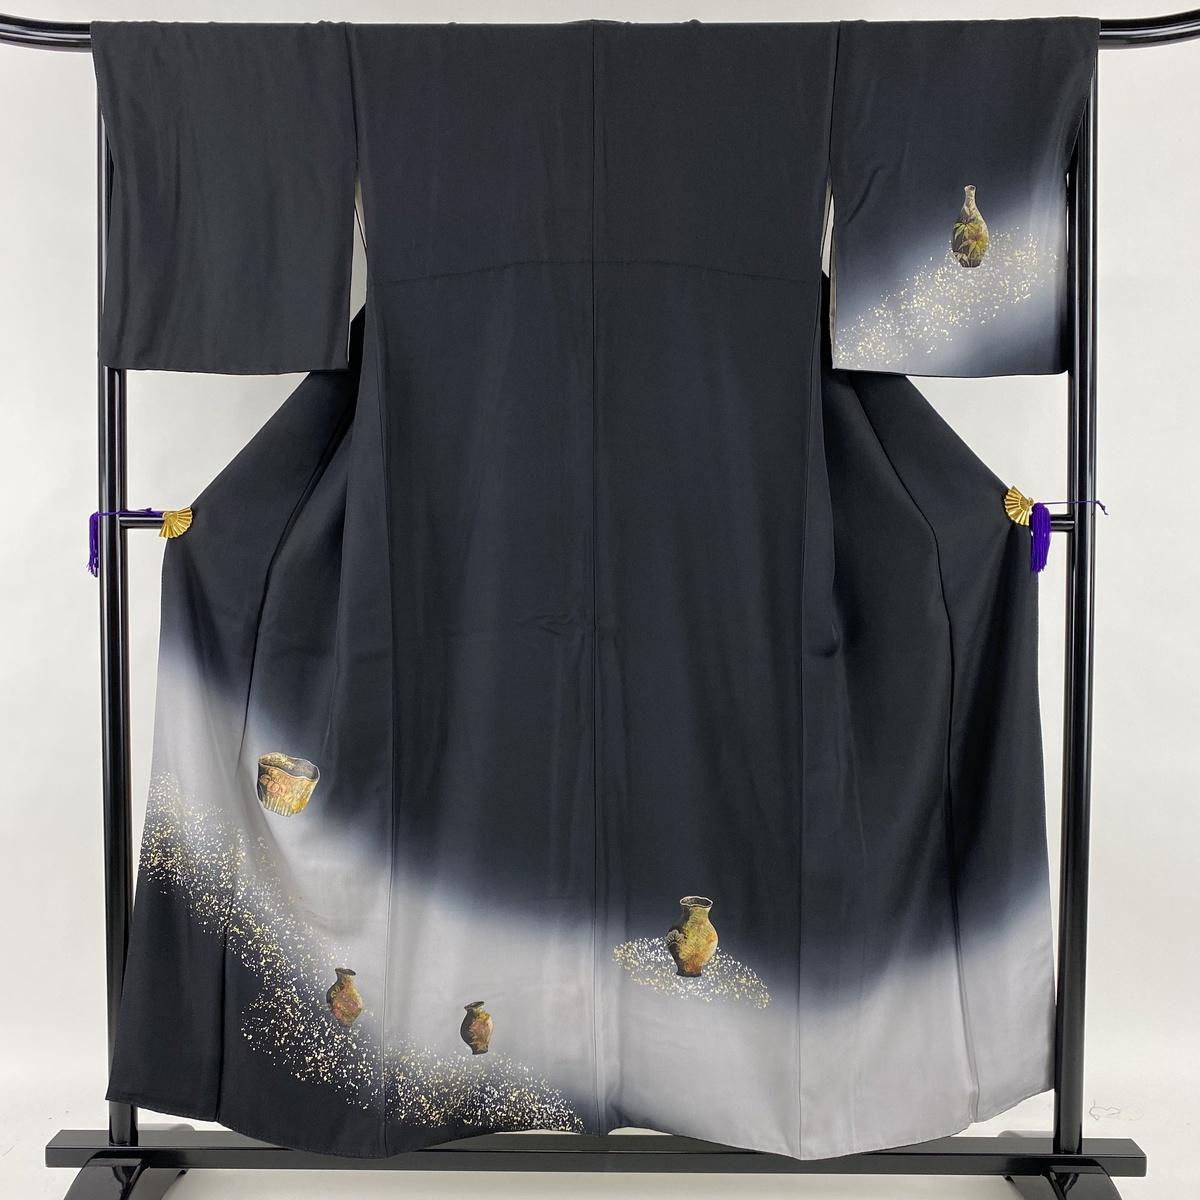 ランクA 着物 リサイクル 送料無料 訪問着 美品 秀品 器物 松 中古 まとめ買い特価 裄丈67cm 金銀彩 2020 新作 正絹 M 黒 身丈156cm 袷